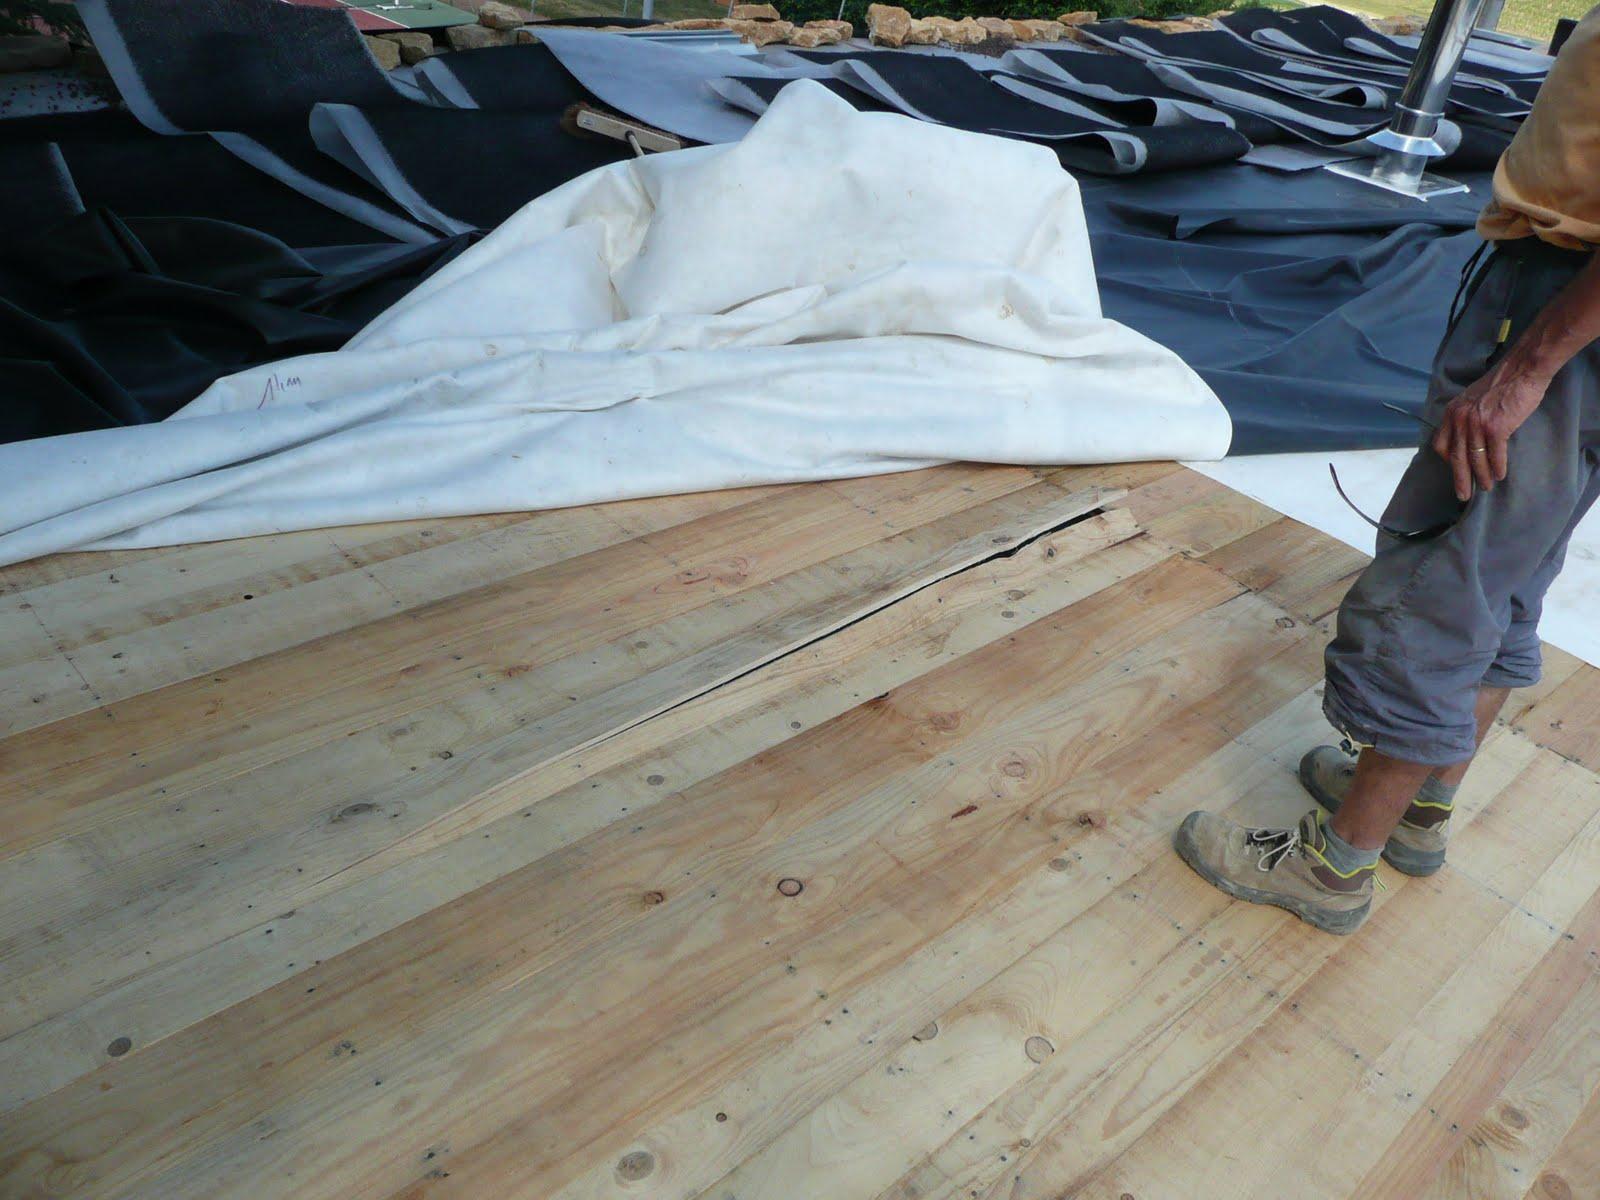 notre maison paille st romain de popey 69 l. Black Bedroom Furniture Sets. Home Design Ideas